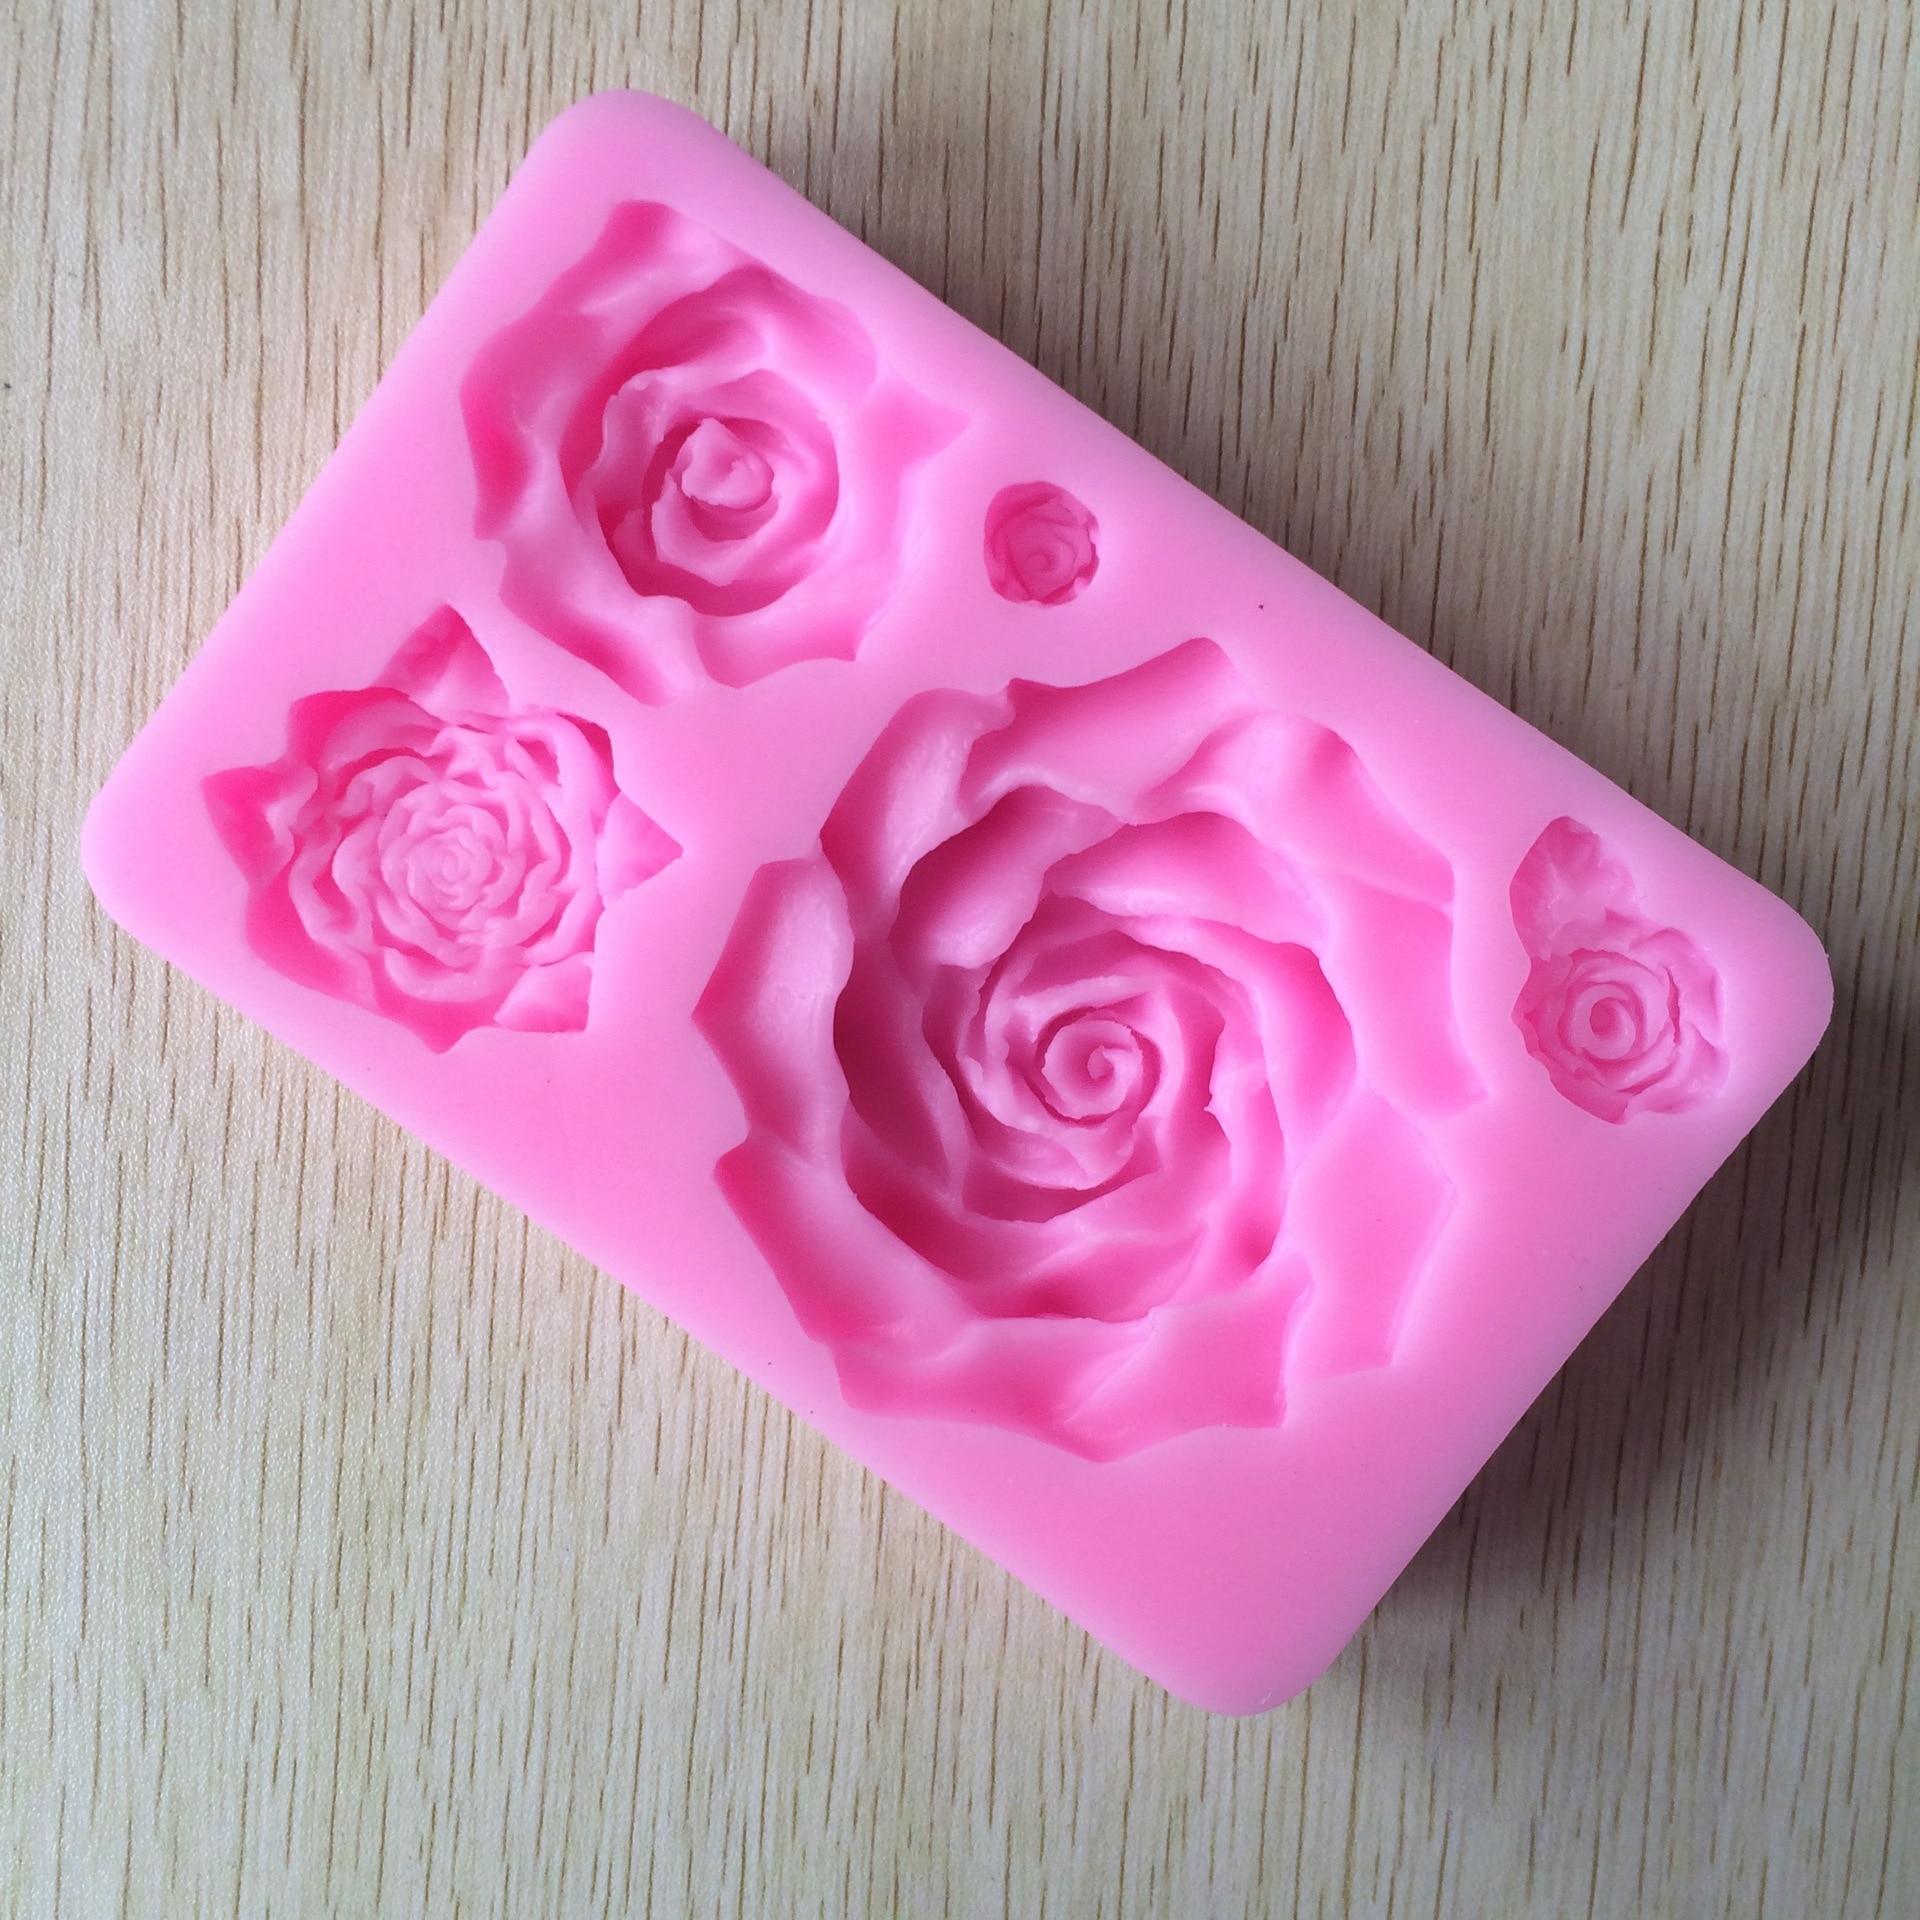 2 шт. в форме роз силиконовые формы для торта DIY украшения торта инструменты для выпечки конфеты кубики льда формы для помадки торта формы